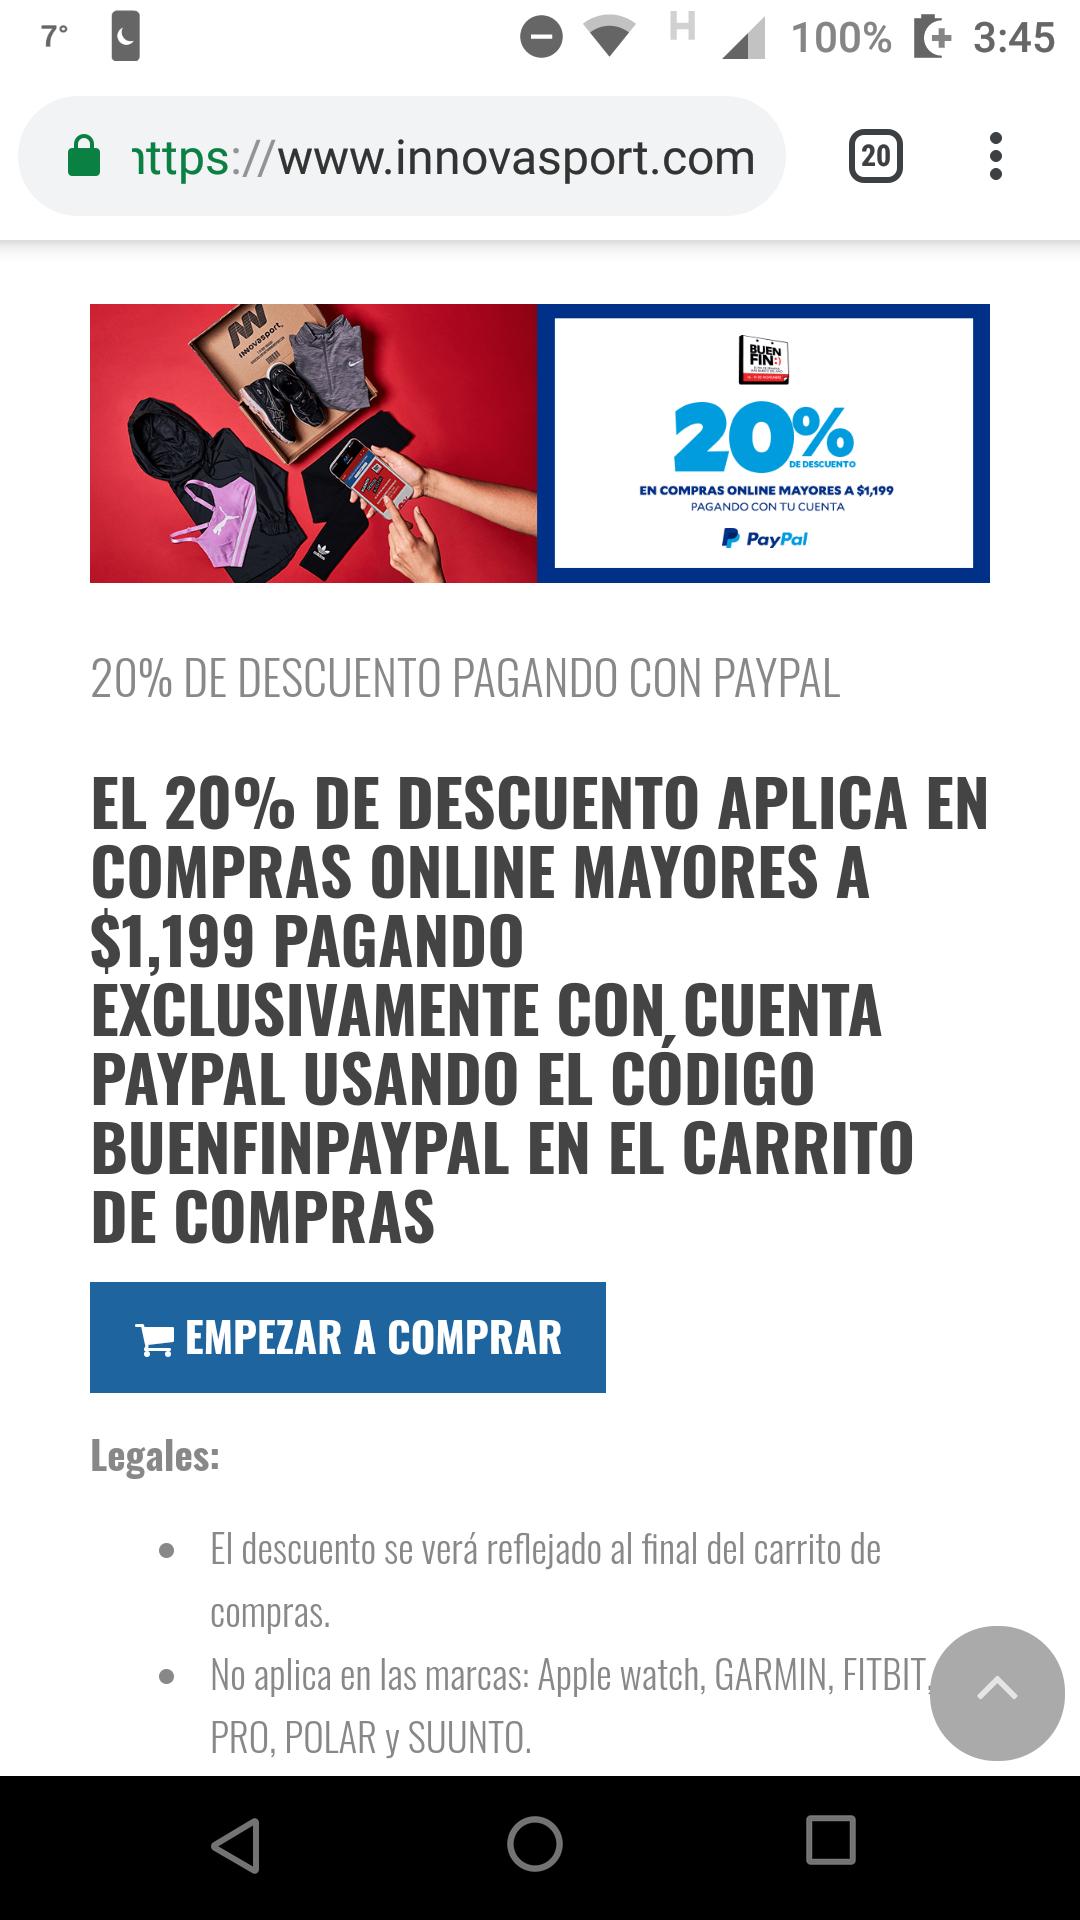 Innovasport: Descuento sobre DESCUENTo sobre descuento pares de tenis a menos de $400 pagando con PayPal